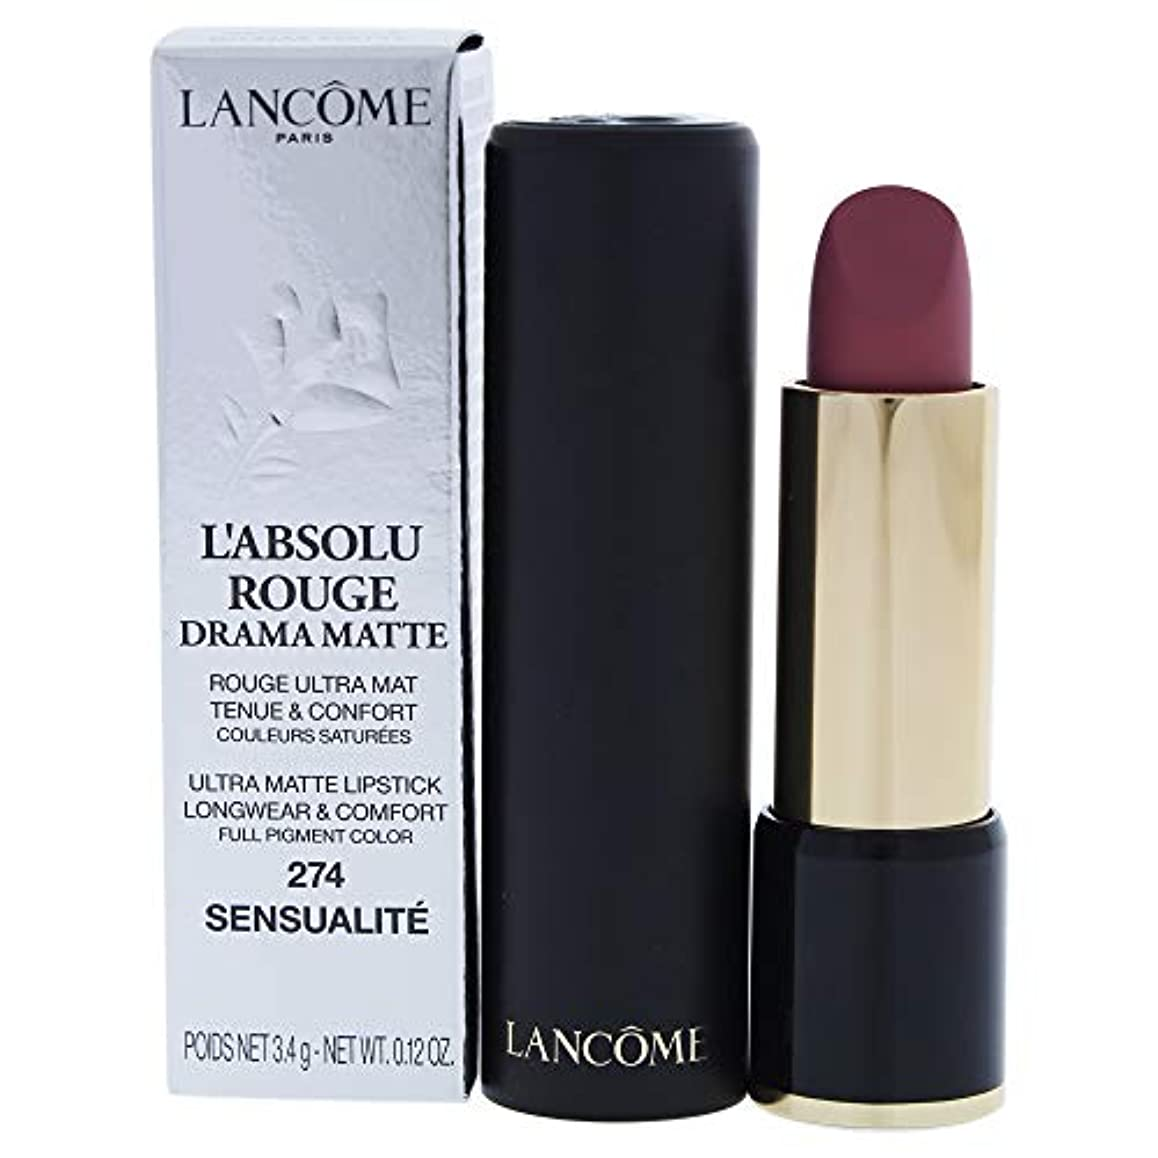 喜び敵意伝統ランコム L'Absolu Rouge Drama Matte Lipstick - # 274 Sensualit?L8021200 3.4g/0.12oz並行輸入品